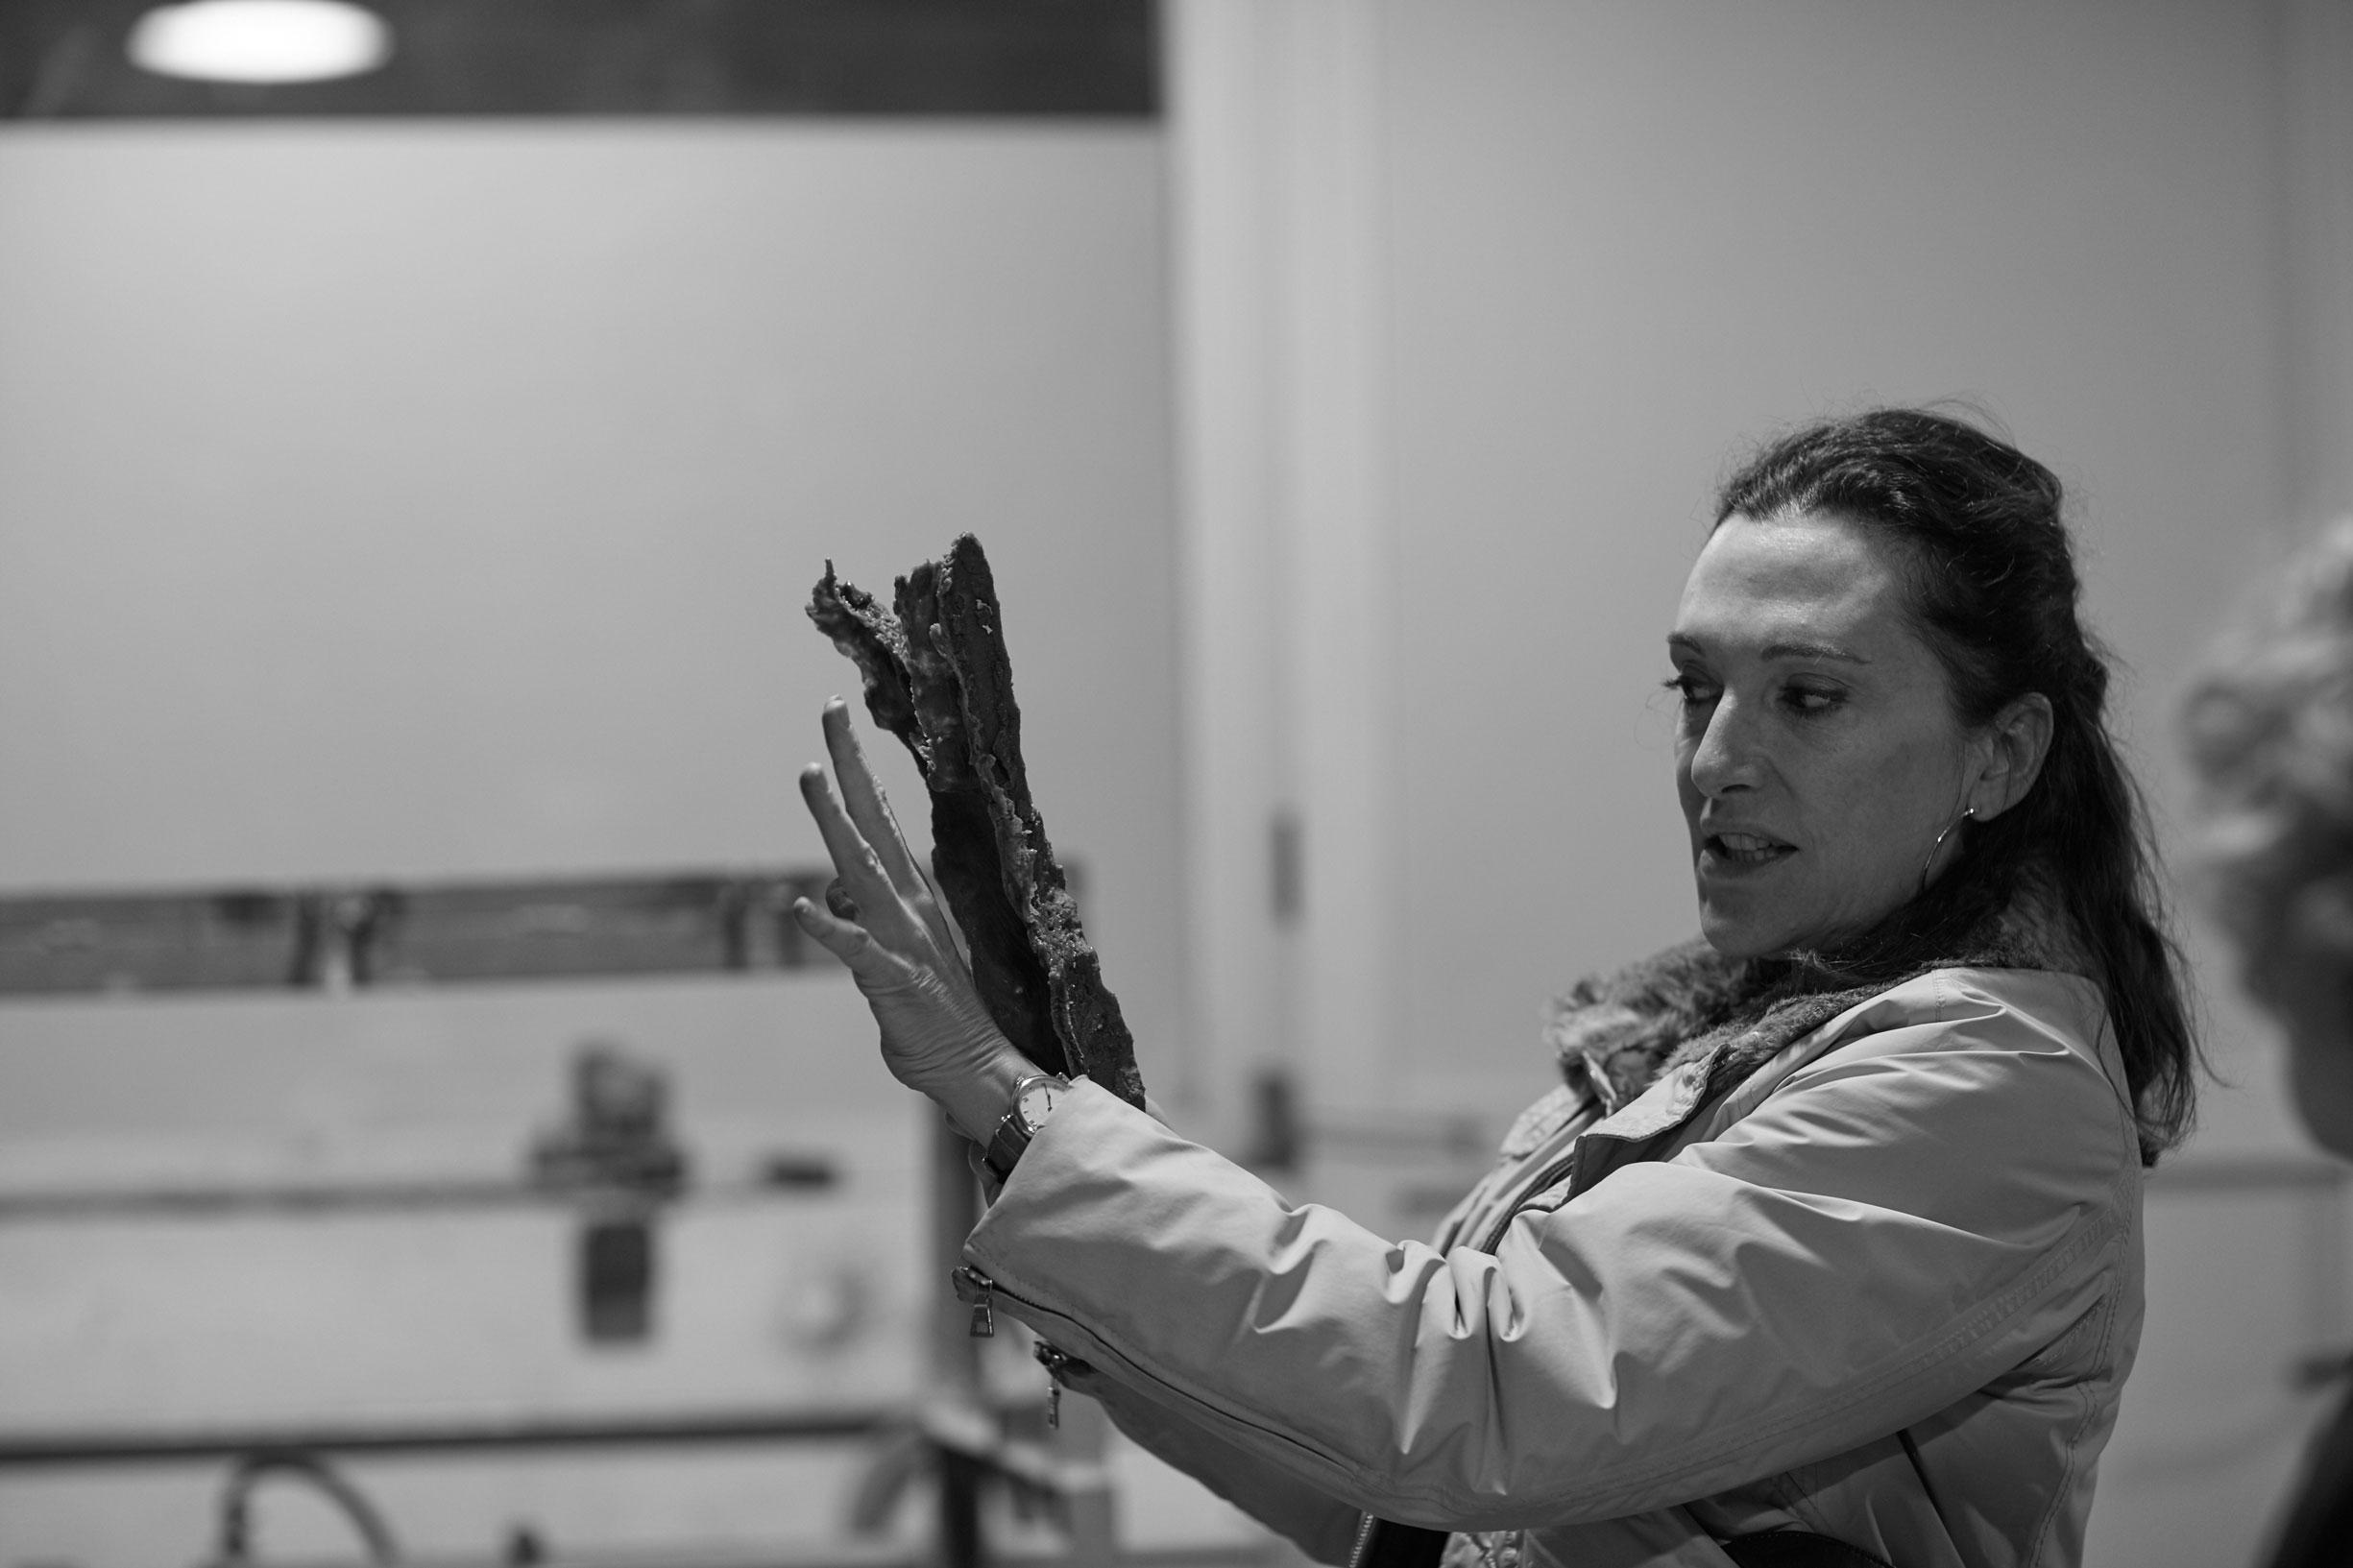 Cristina Iglesias trabajando en Alfa Arte, proyecto ARROYOS OLVIDADOS - FORGOTTEN STREAMS. Bronce. Para Bloomberg Place, Londres